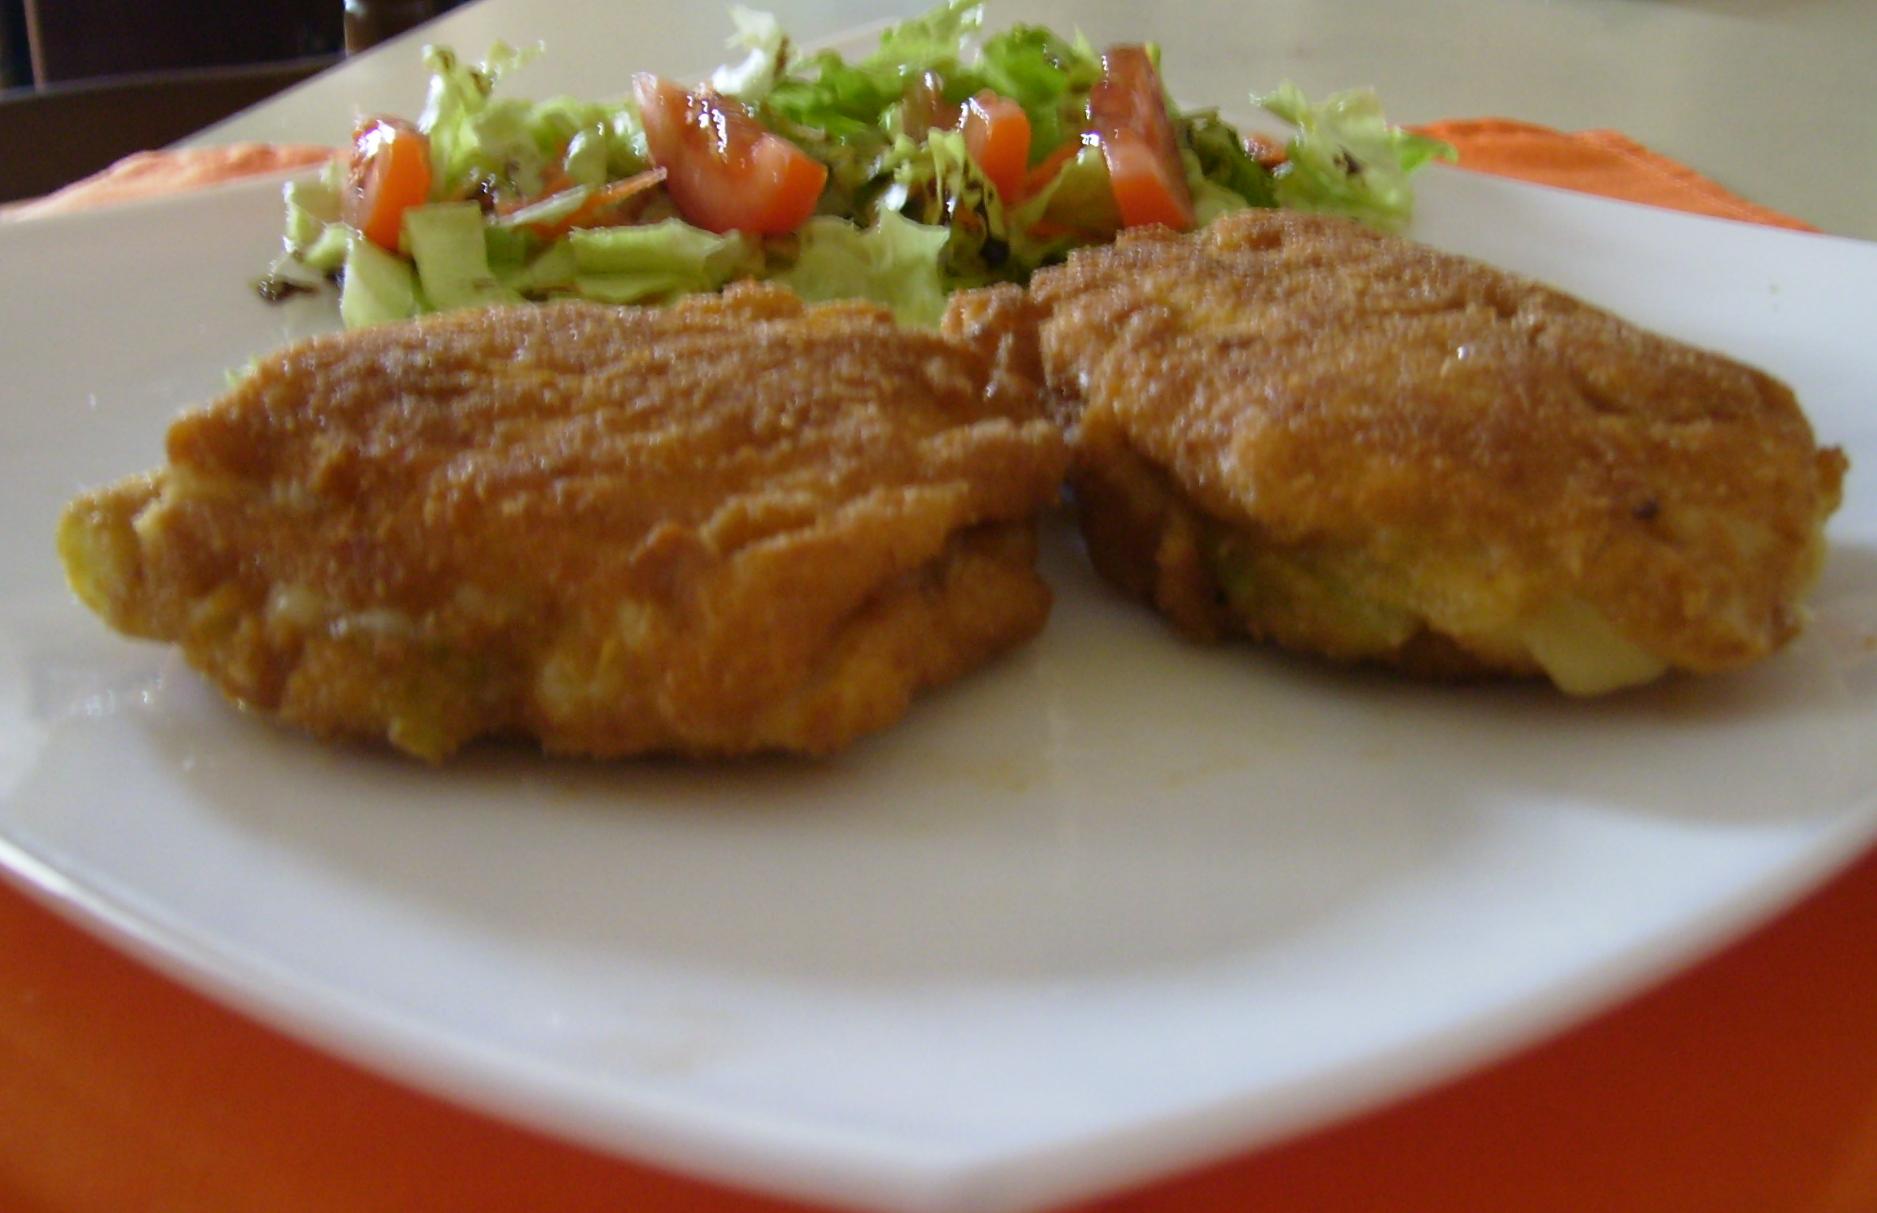 Receta de clementina de pechuga de pollo